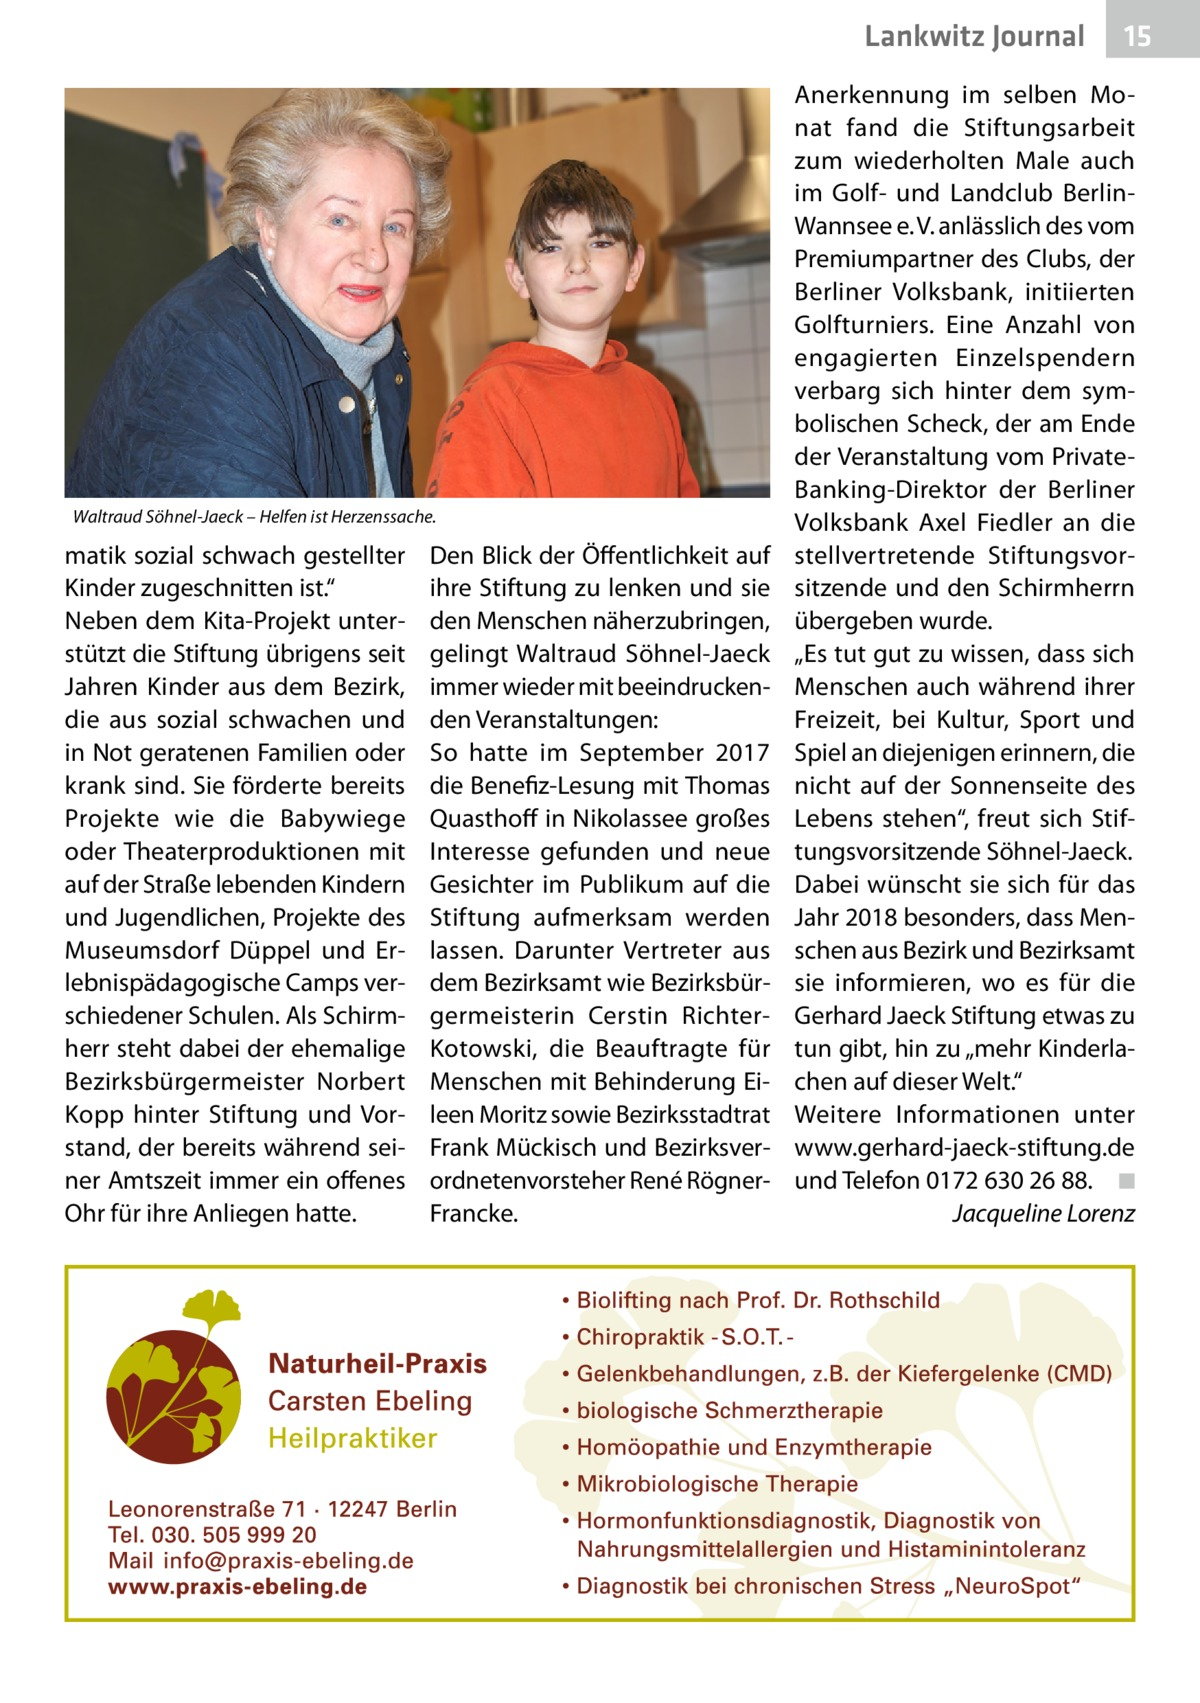 """Lankwitz Journal  Waltraud Söhnel-Jaeck – Helfen ist Herzenssache.  matik sozial schwach gestellter Kinder zugeschnitten ist."""" Neben dem Kita-Projekt unterstützt die Stiftung übrigens seit Jahren Kinder aus dem Bezirk, die aus sozial schwachen und in Not geratenen Familien oder krank sind. Sie förderte bereits Projekte wie die Babywiege oder Theaterproduktionen mit auf der Straße lebenden Kindern und Jugendlichen, Projekte des Museumsdorf Düppel und Erlebnispädagogische Camps verschiedener Schulen. Als Schirmherr steht dabei der ehemalige Bezirksbürgermeister Norbert Kopp hinter Stiftung und Vorstand, der bereits während seiner Amtszeit immer ein offenes Ohr für ihre Anliegen hatte.  Den Blick der Öffentlichkeit auf ihre Stiftung zu lenken und sie den Menschen näherzubringen, gelingt Waltraud Söhnel-Jaeck immer wieder mit beeindruckenden Veranstaltungen: So hatte im September 2017 die Benefiz-Lesung mit Thomas Quasthoff in Nikolassee großes Interesse gefunden und neue Gesichter im Publikum auf die Stiftung aufmerksam werden lassen. Darunter Vertreter aus dem Bezirksamt wie Bezirksbürgermeisterin Cerstin RichterKotowski, die Beauftragte für Menschen mit Behinderung Eileen Moritz sowie Bezirksstadtrat Frank Mückisch und Bezirksverordnetenvorsteher René RögnerFrancke.  15  Anerkennung im selben Monat fand die Stiftungsarbeit zum wiederholten Male auch im Golf- und Landclub BerlinWannsee e.V. anlässlich des vom Premiumpartner des Clubs, der Berliner Volksbank, initiierten Golfturniers. Eine Anzahl von engagierten Einzelspendern verbarg sich hinter dem symbolischen Scheck, der am Ende der Veranstaltung vom PrivateBanking-Direktor der Berliner Volksbank Axel Fiedler an die stellvertretende Stiftungsvorsitzende und den Schirmherrn übergeben wurde. """"Es tut gut zu wissen, dass sich Menschen auch während ihrer Freizeit, bei Kultur, Sport und Spiel an diejenigen erinnern, die nicht auf der Sonnenseite des Lebens stehen"""", freut sich Stiftungsvorsitzende Söhnel-Jaeck. Dabei wüns"""